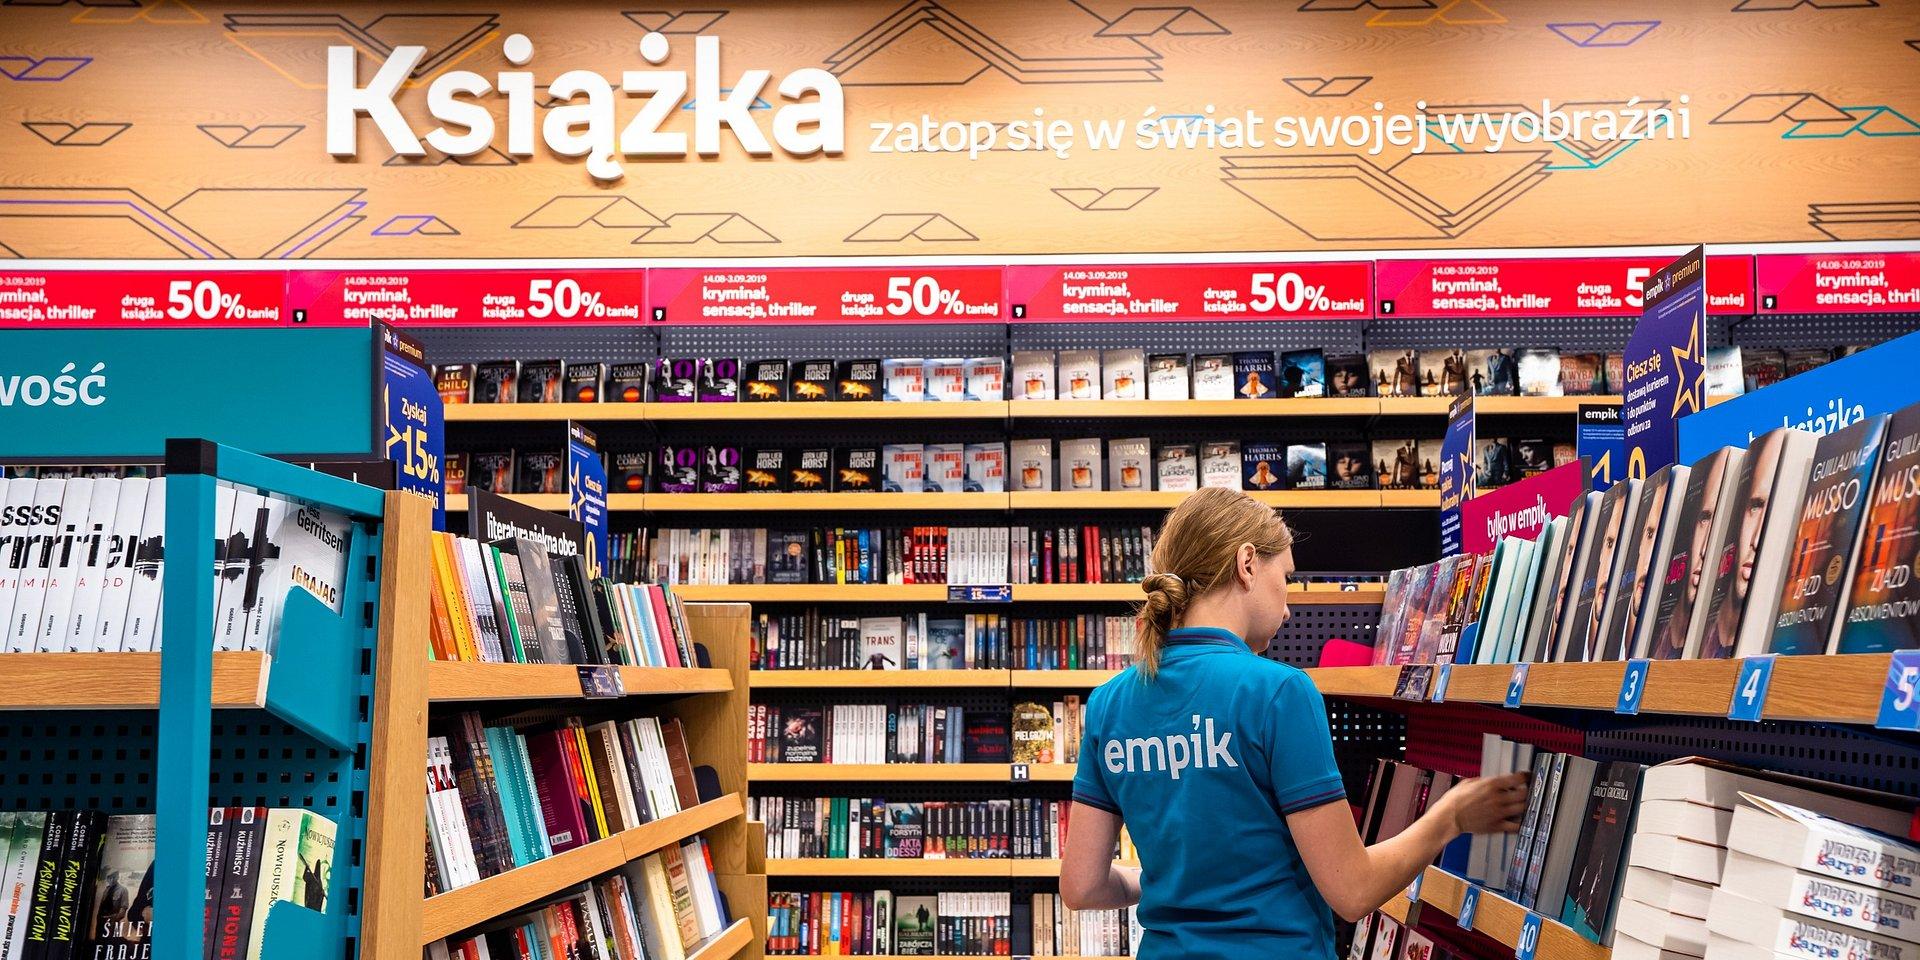 Empik podsumowuje otwarcia salonów w 2019 roku